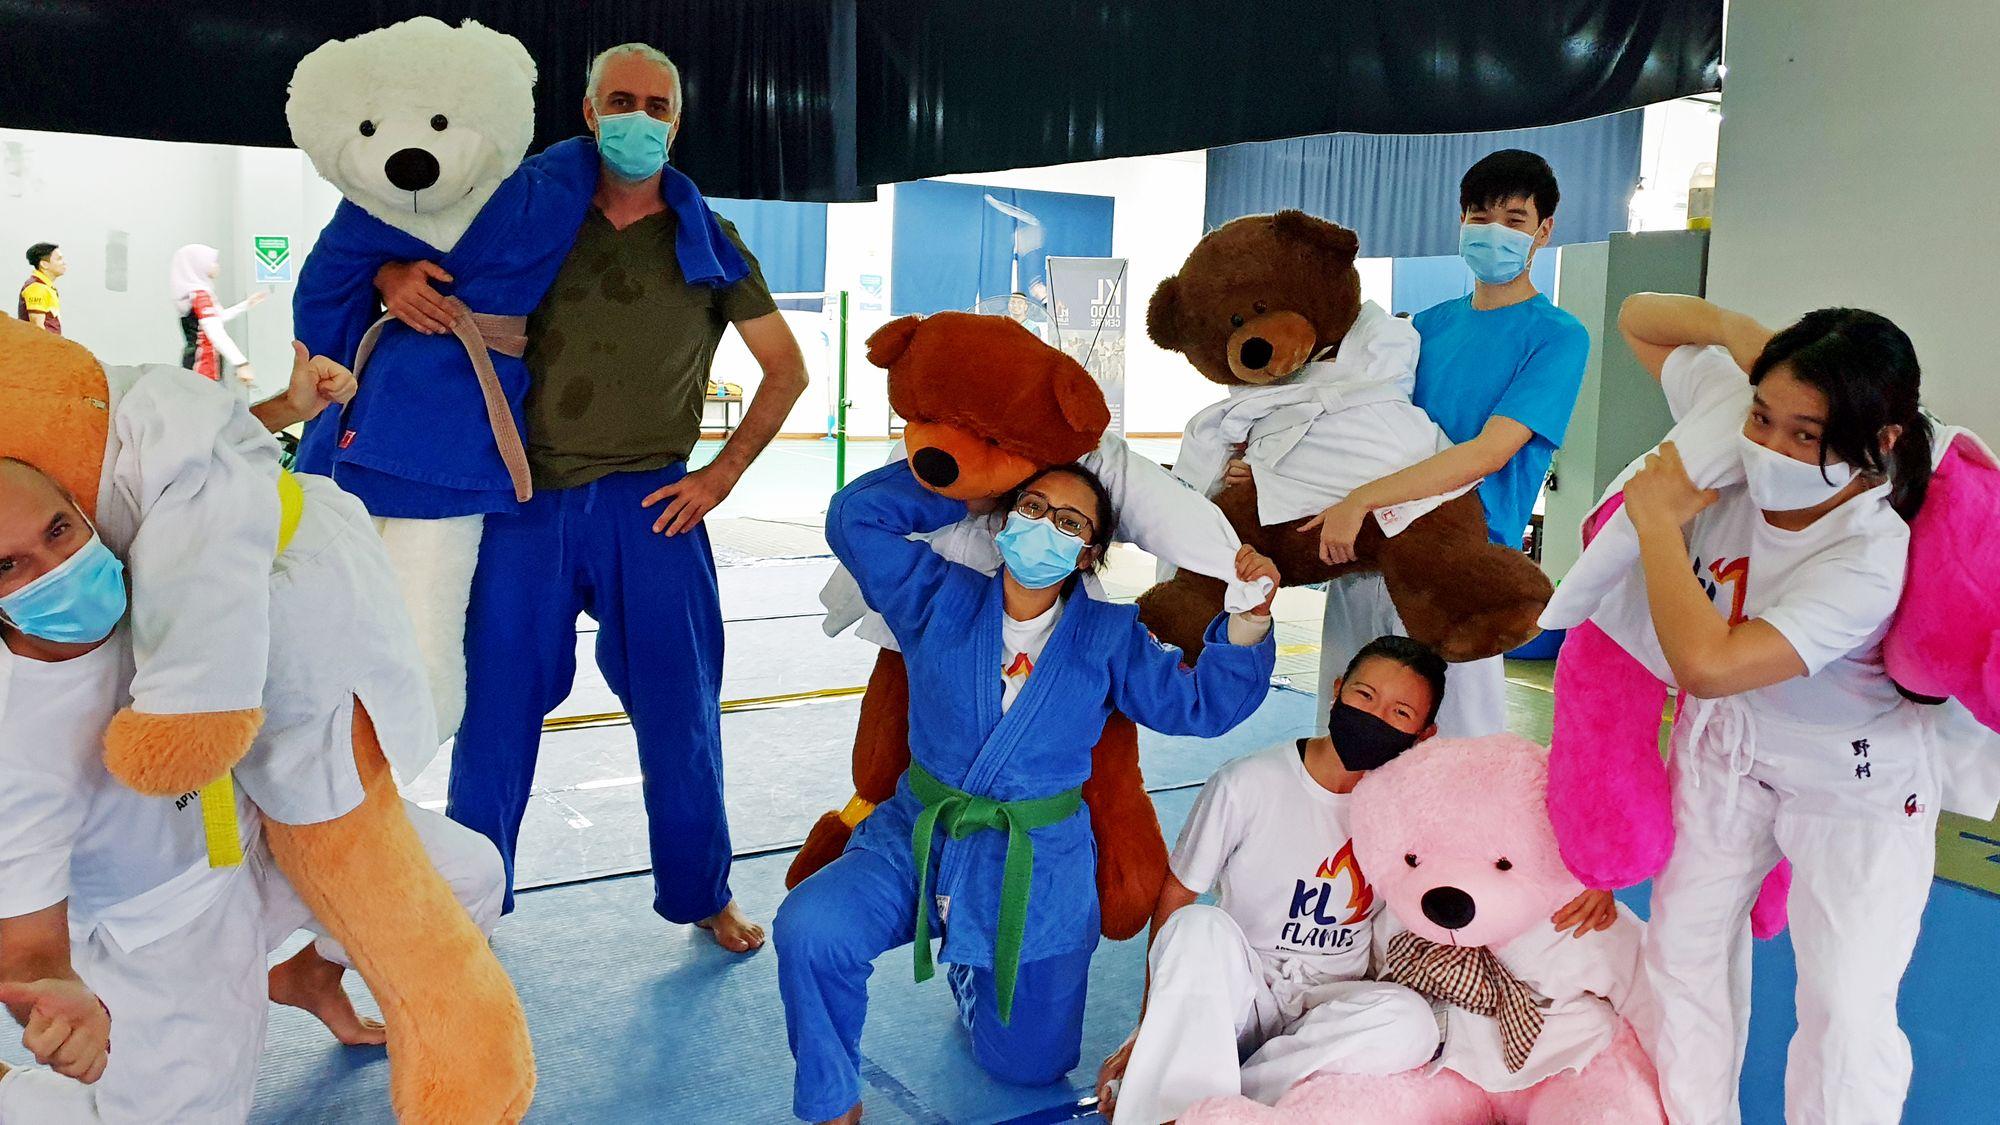 Teddy Bear Squad